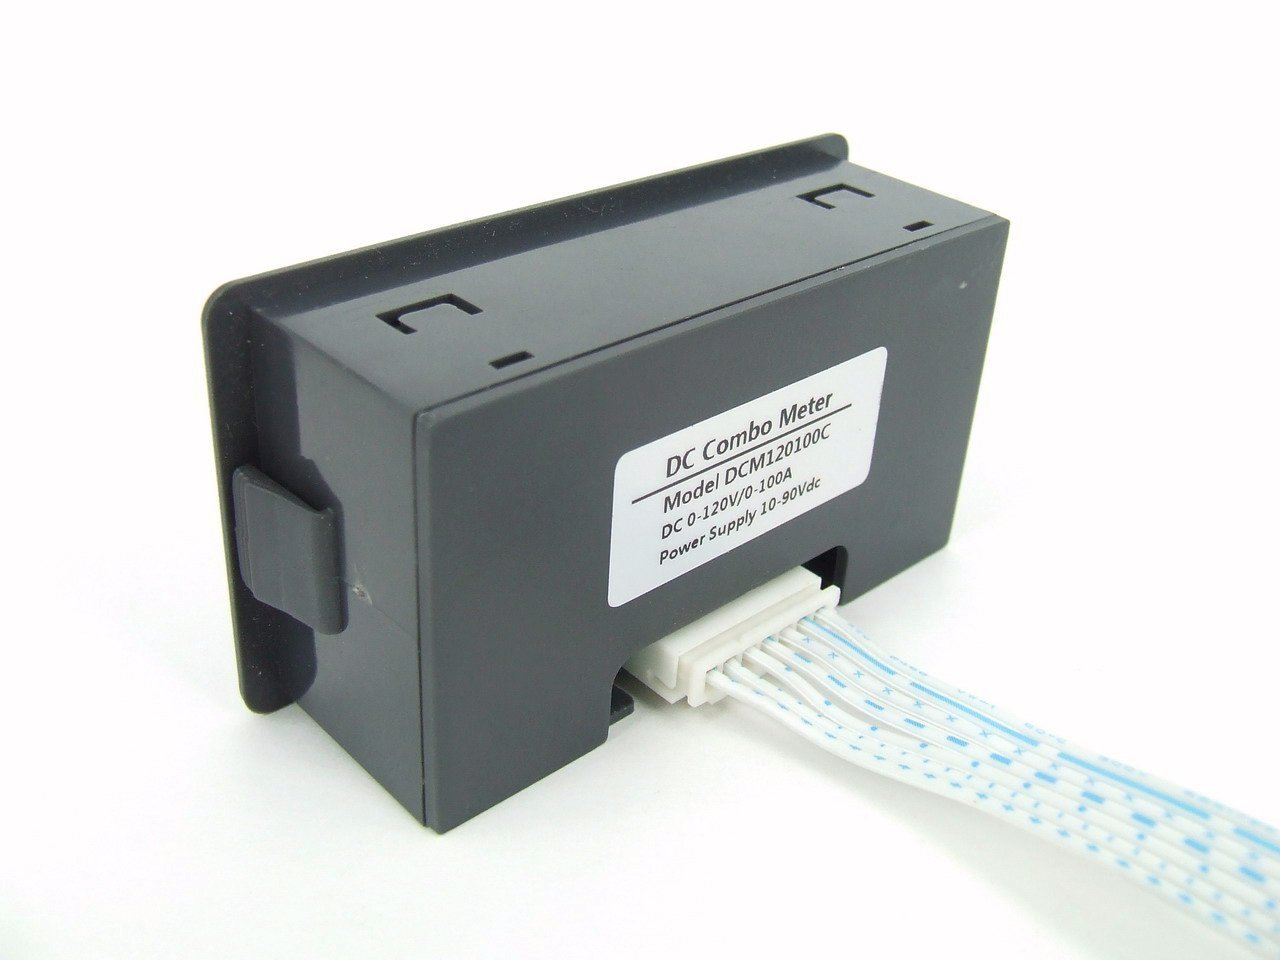 DC 0-120V 0-100A Volt Amp Ah Power Capacity Percent Battery Monitor Watt  Meter 50A 50A 200A 250A 300A 400A 500A 600A 750A 1000A Shunt